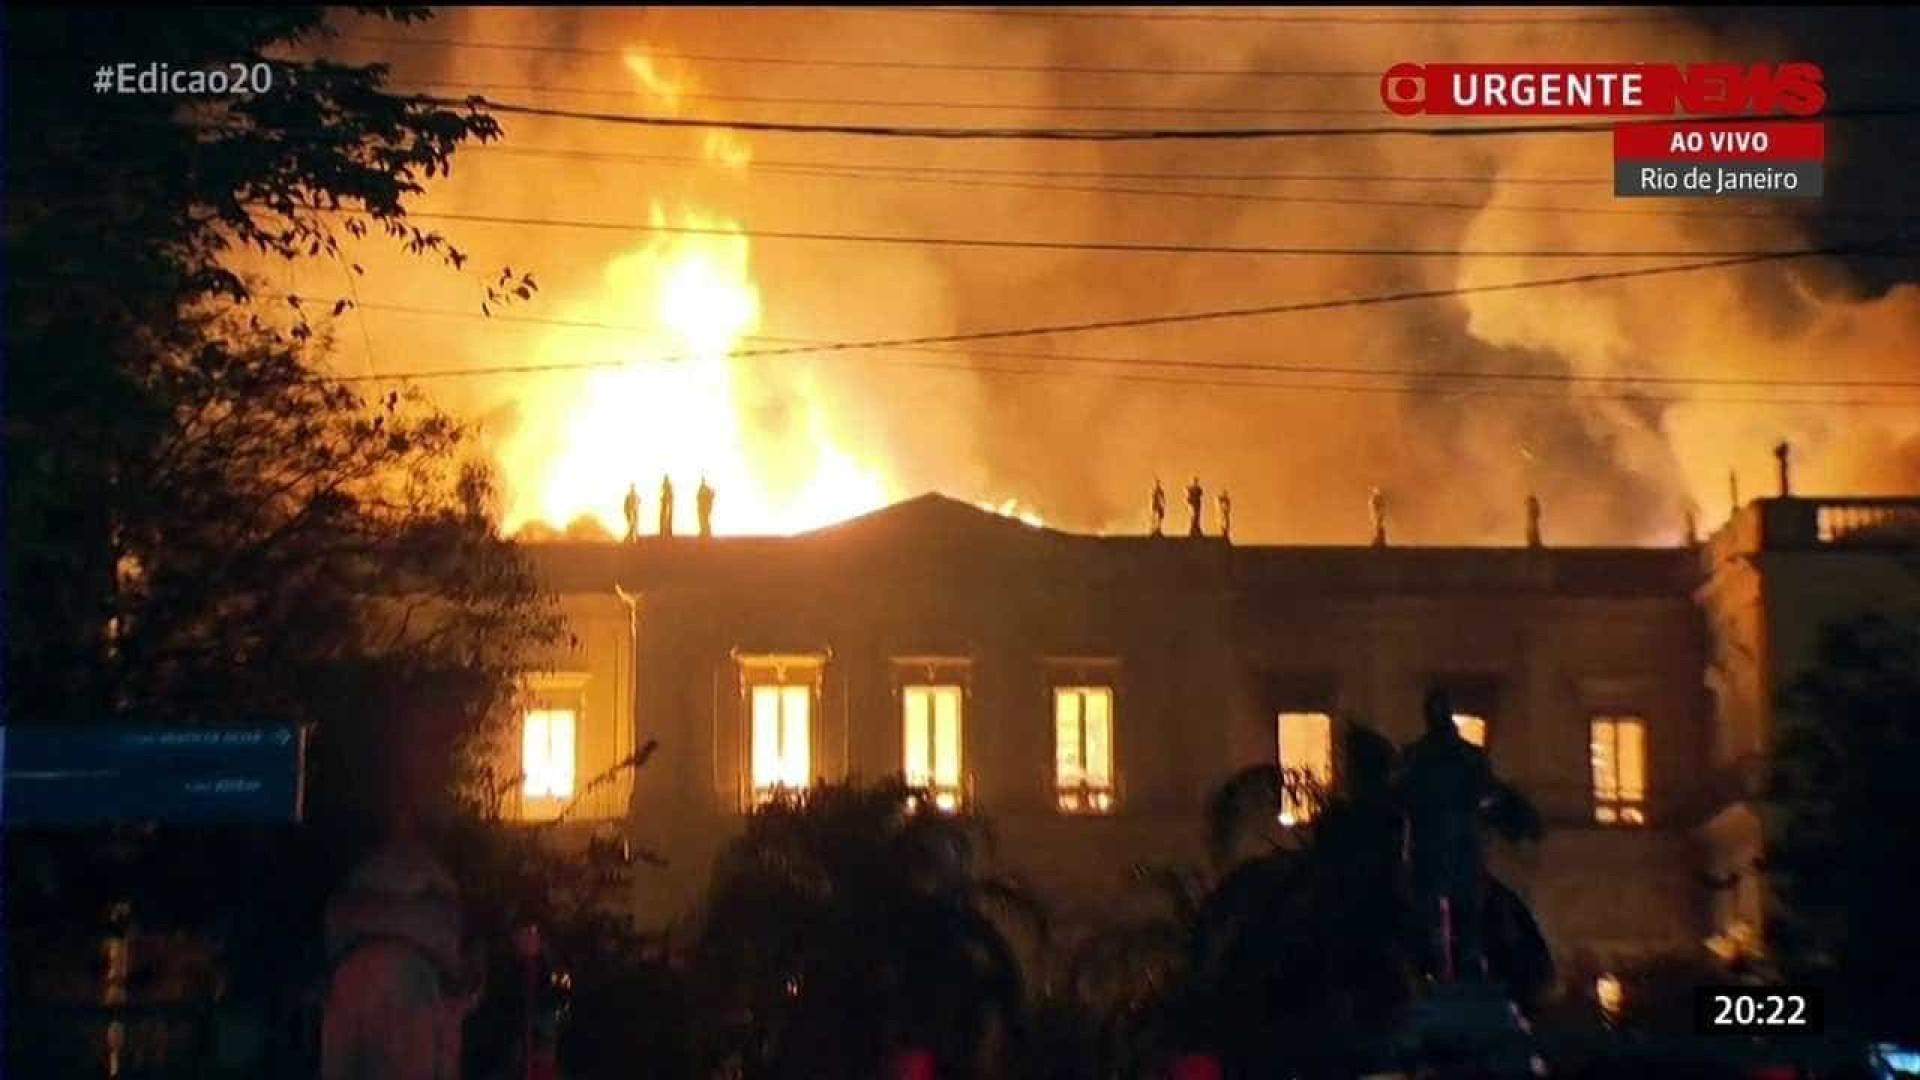 Incêndio no Rio: museu sofria com falta de verbas para manutenção